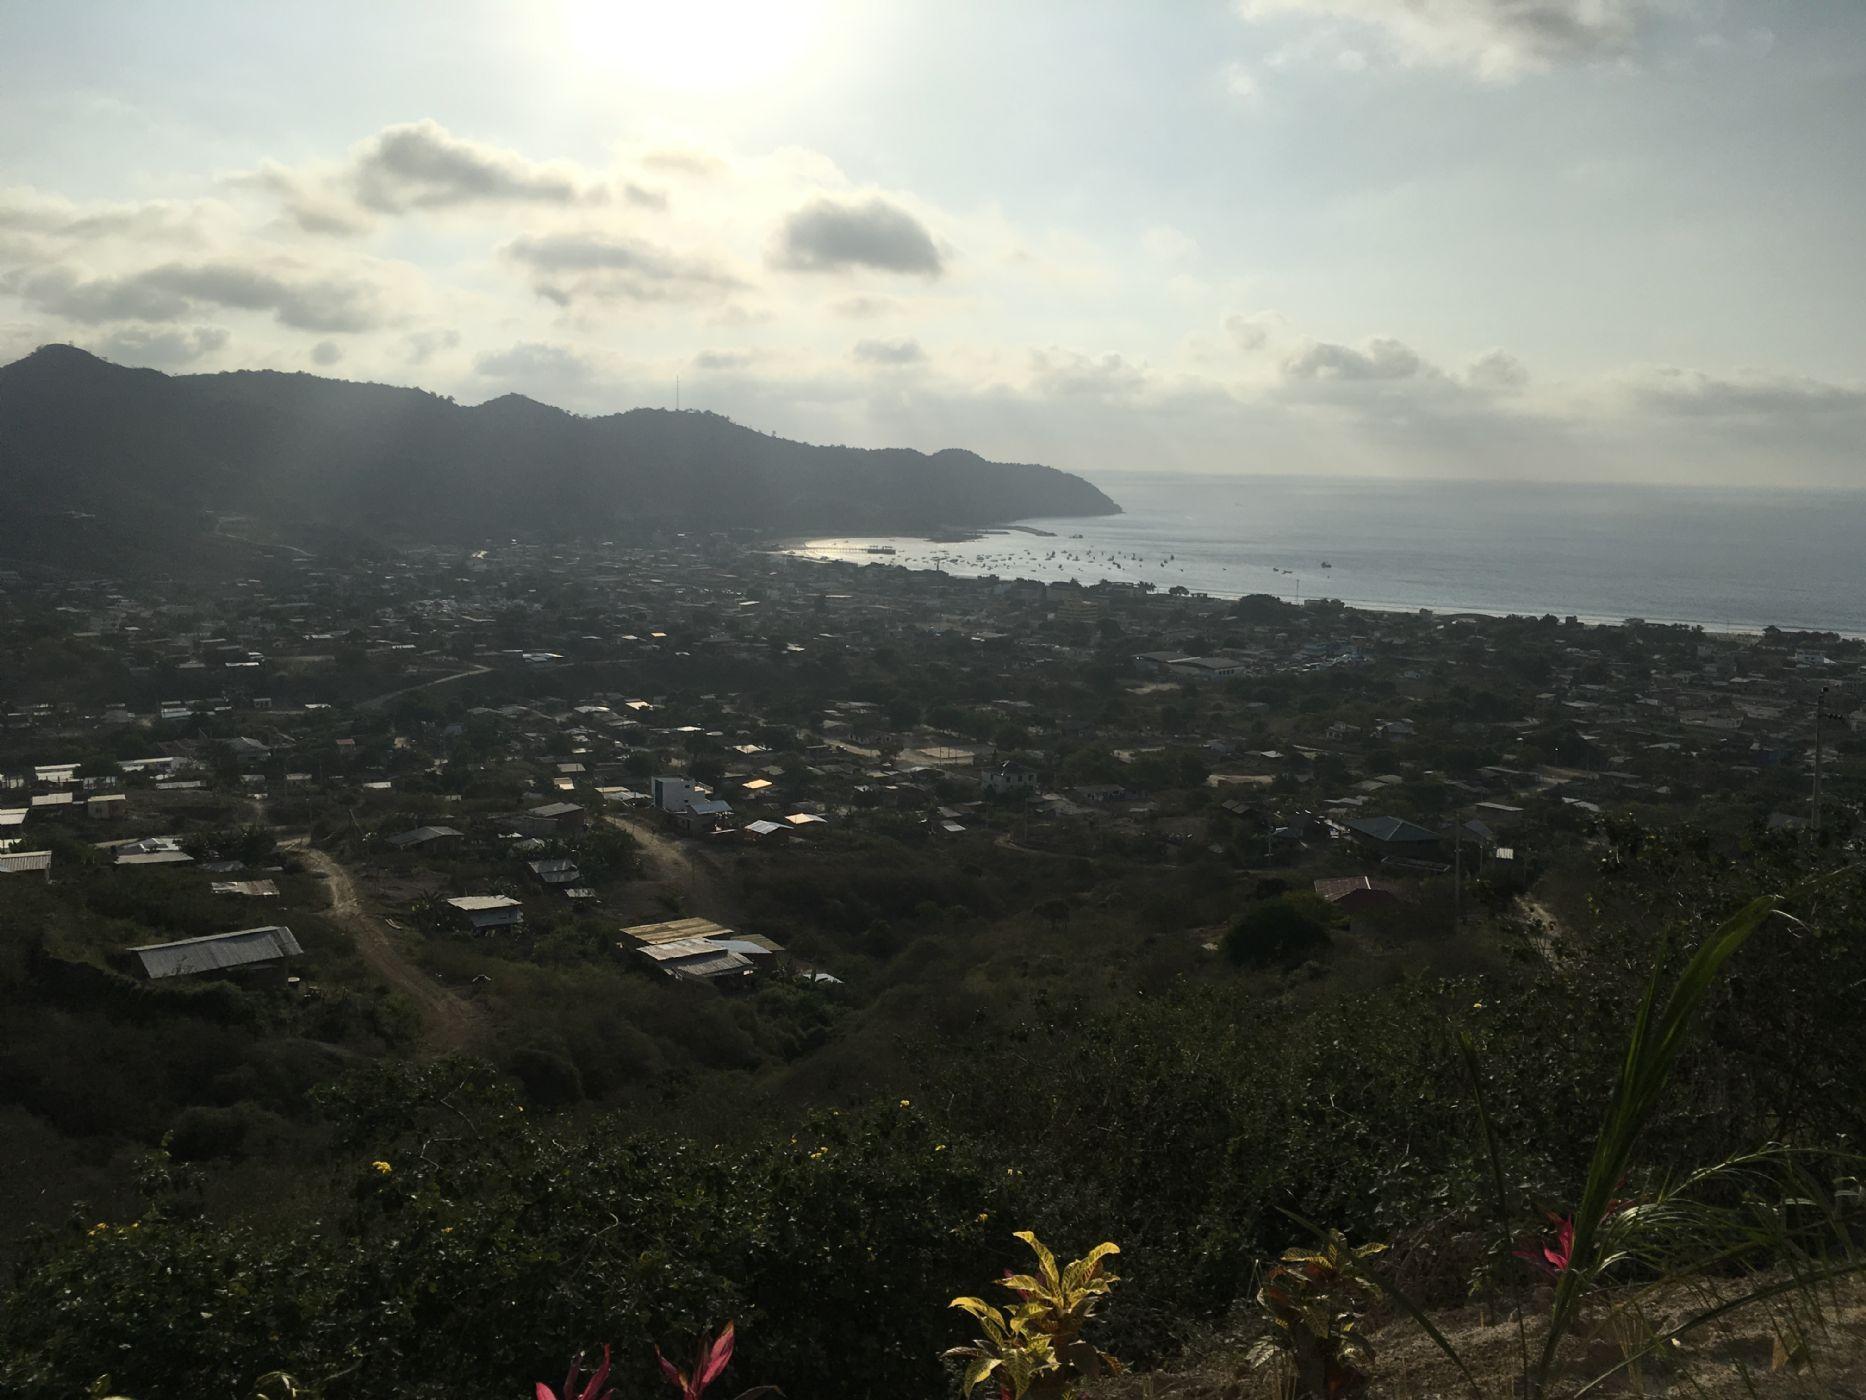 Puerto-Lopez-Ecuador-property-513689-1.JPG